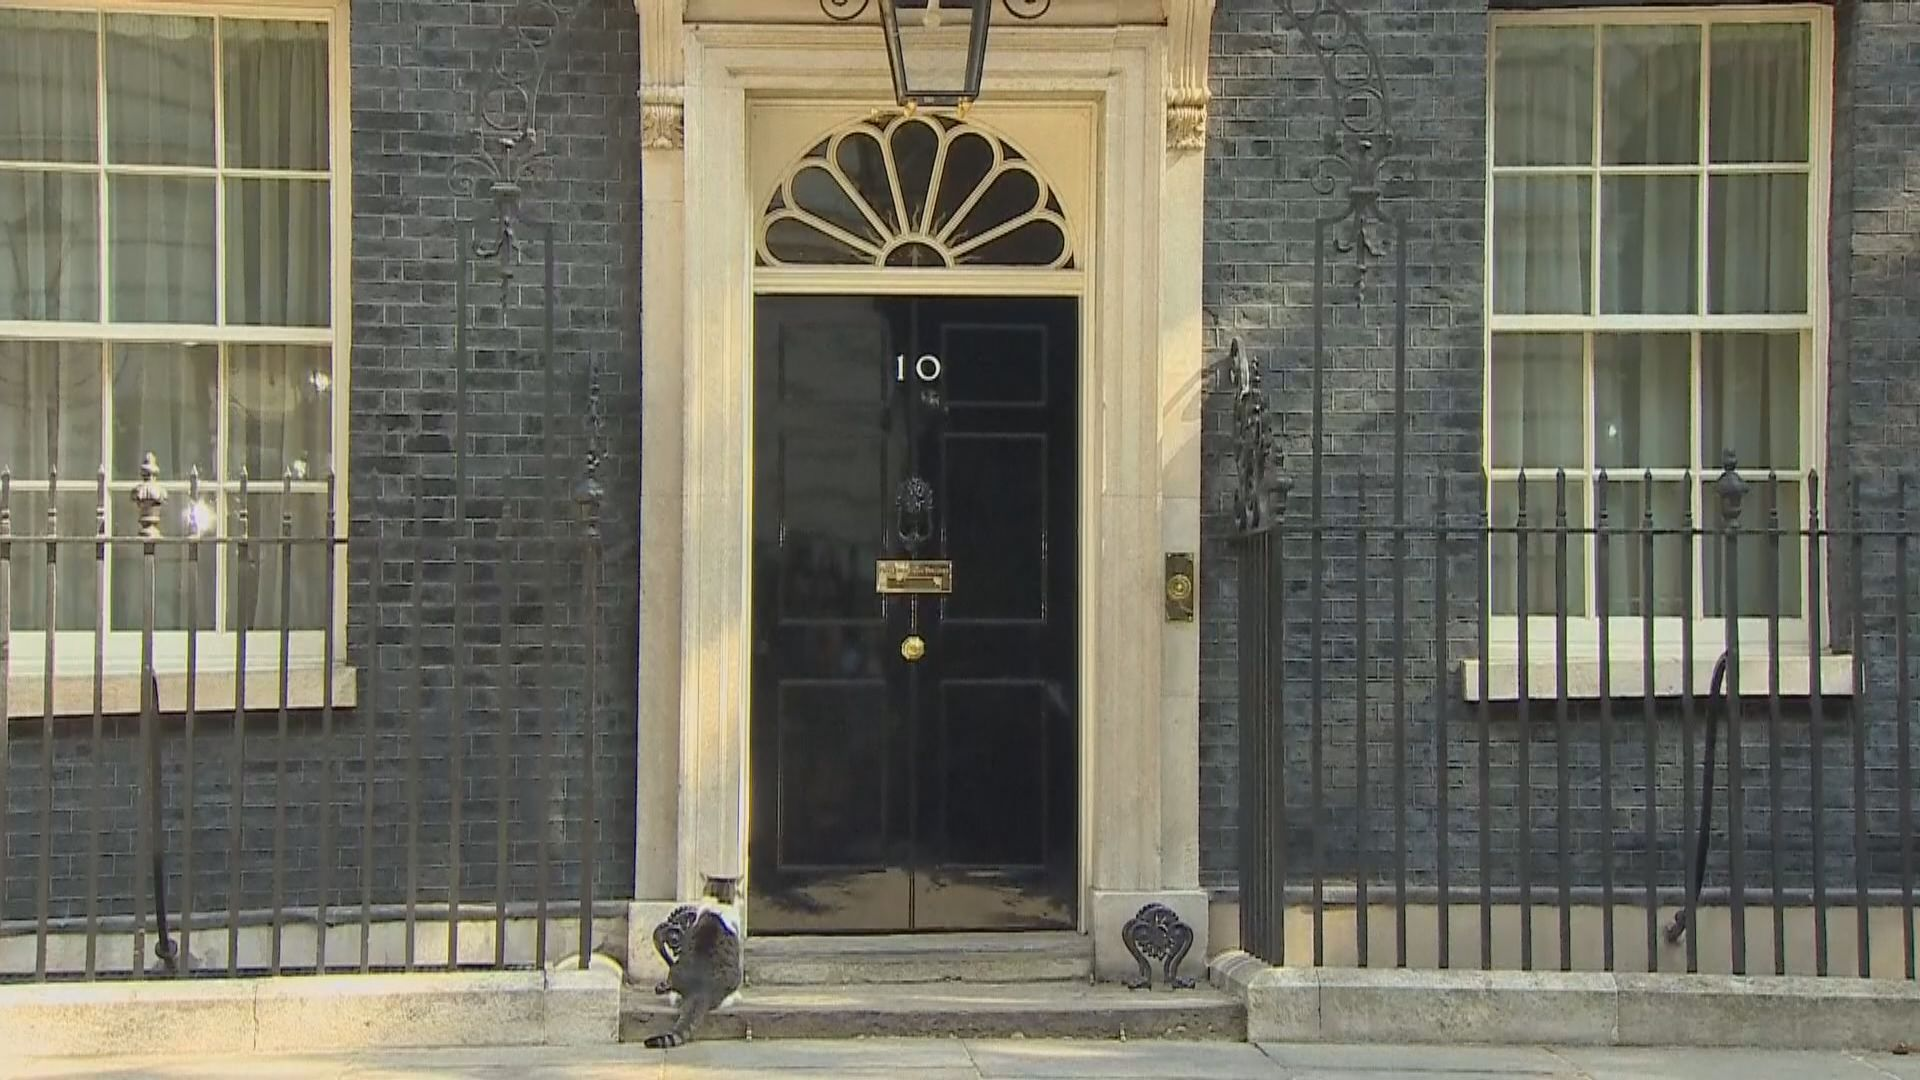 約翰遜情況穩定 外界關注英國政府權力真空問題